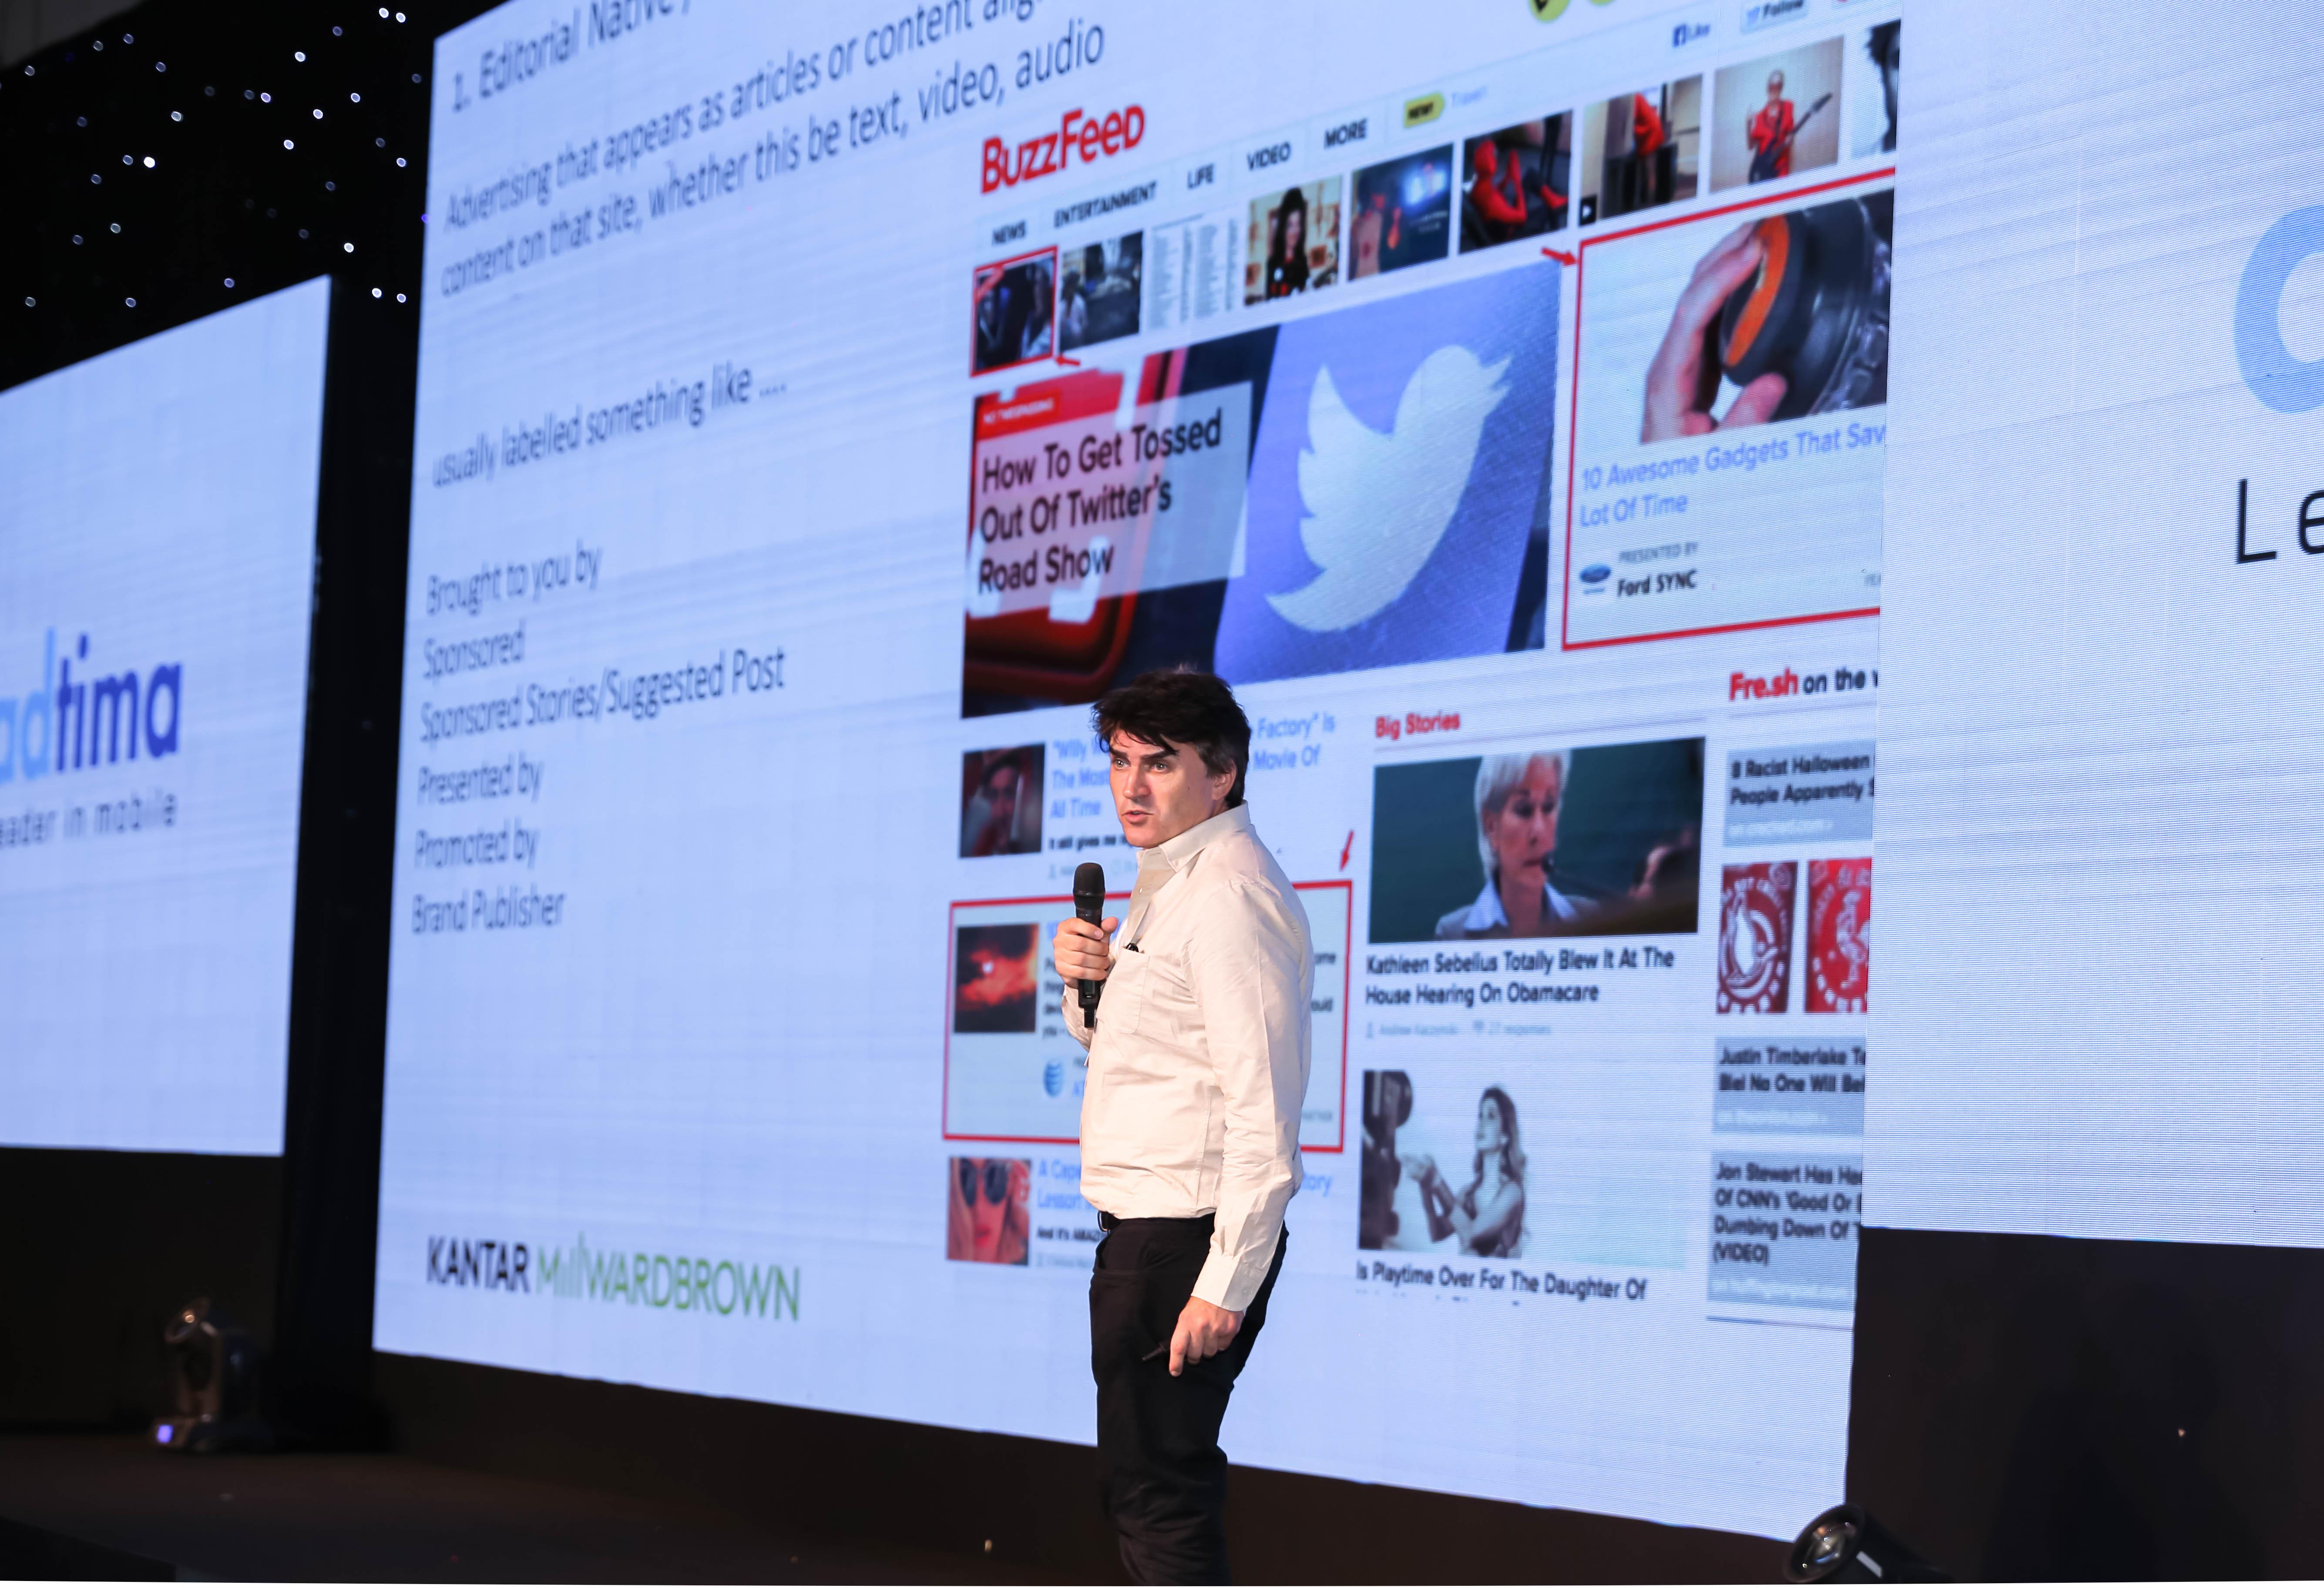 Xu hương Native Content giúp thương hiệu hạn chế việc quảng cáo bị từ chối bởi người dùng